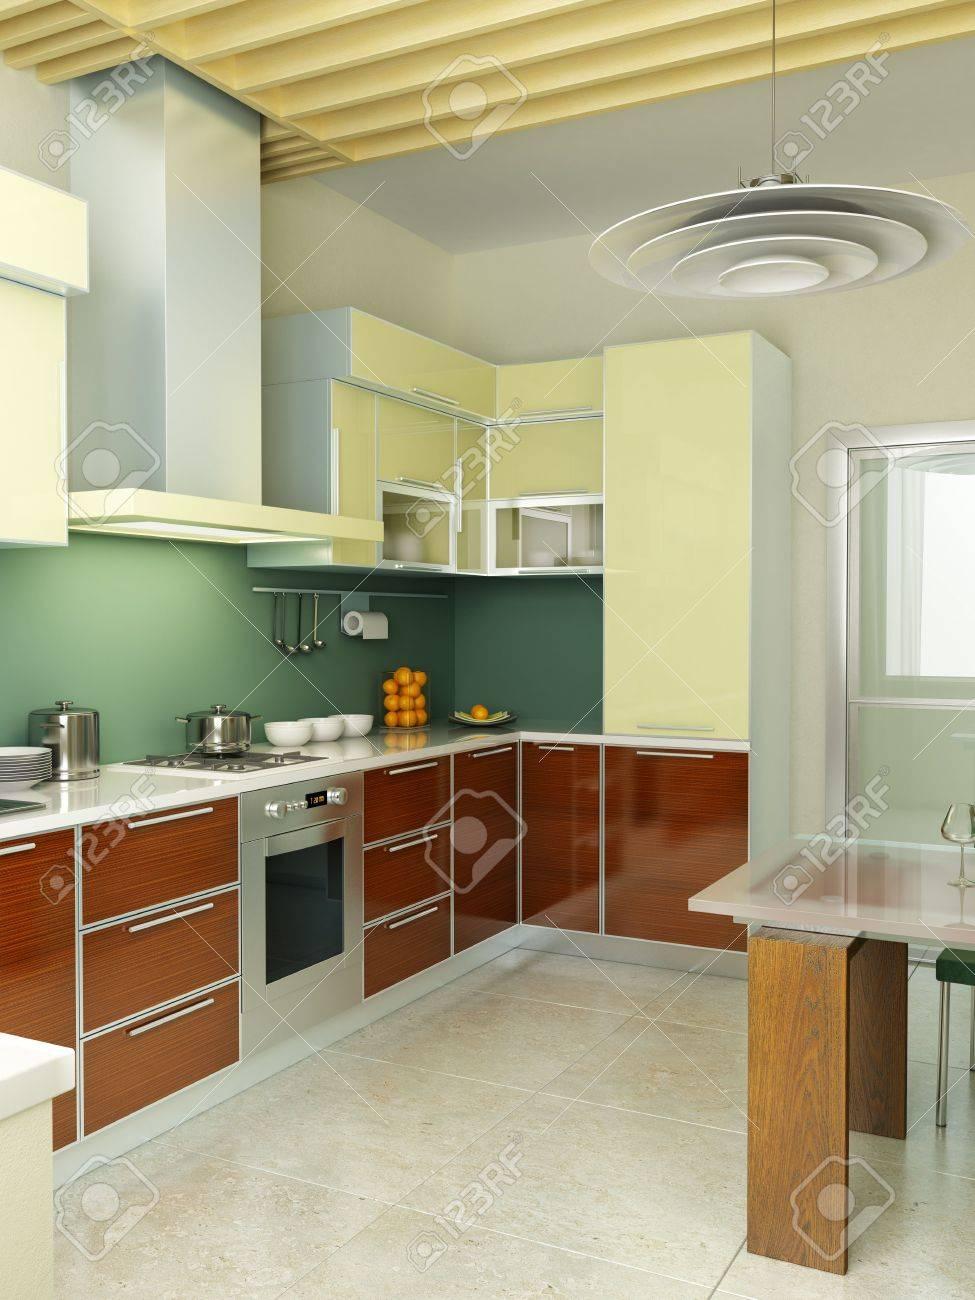 Moderne Küche Interieur 3D-Rendering Lizenzfreie Fotos, Bilder Und ...